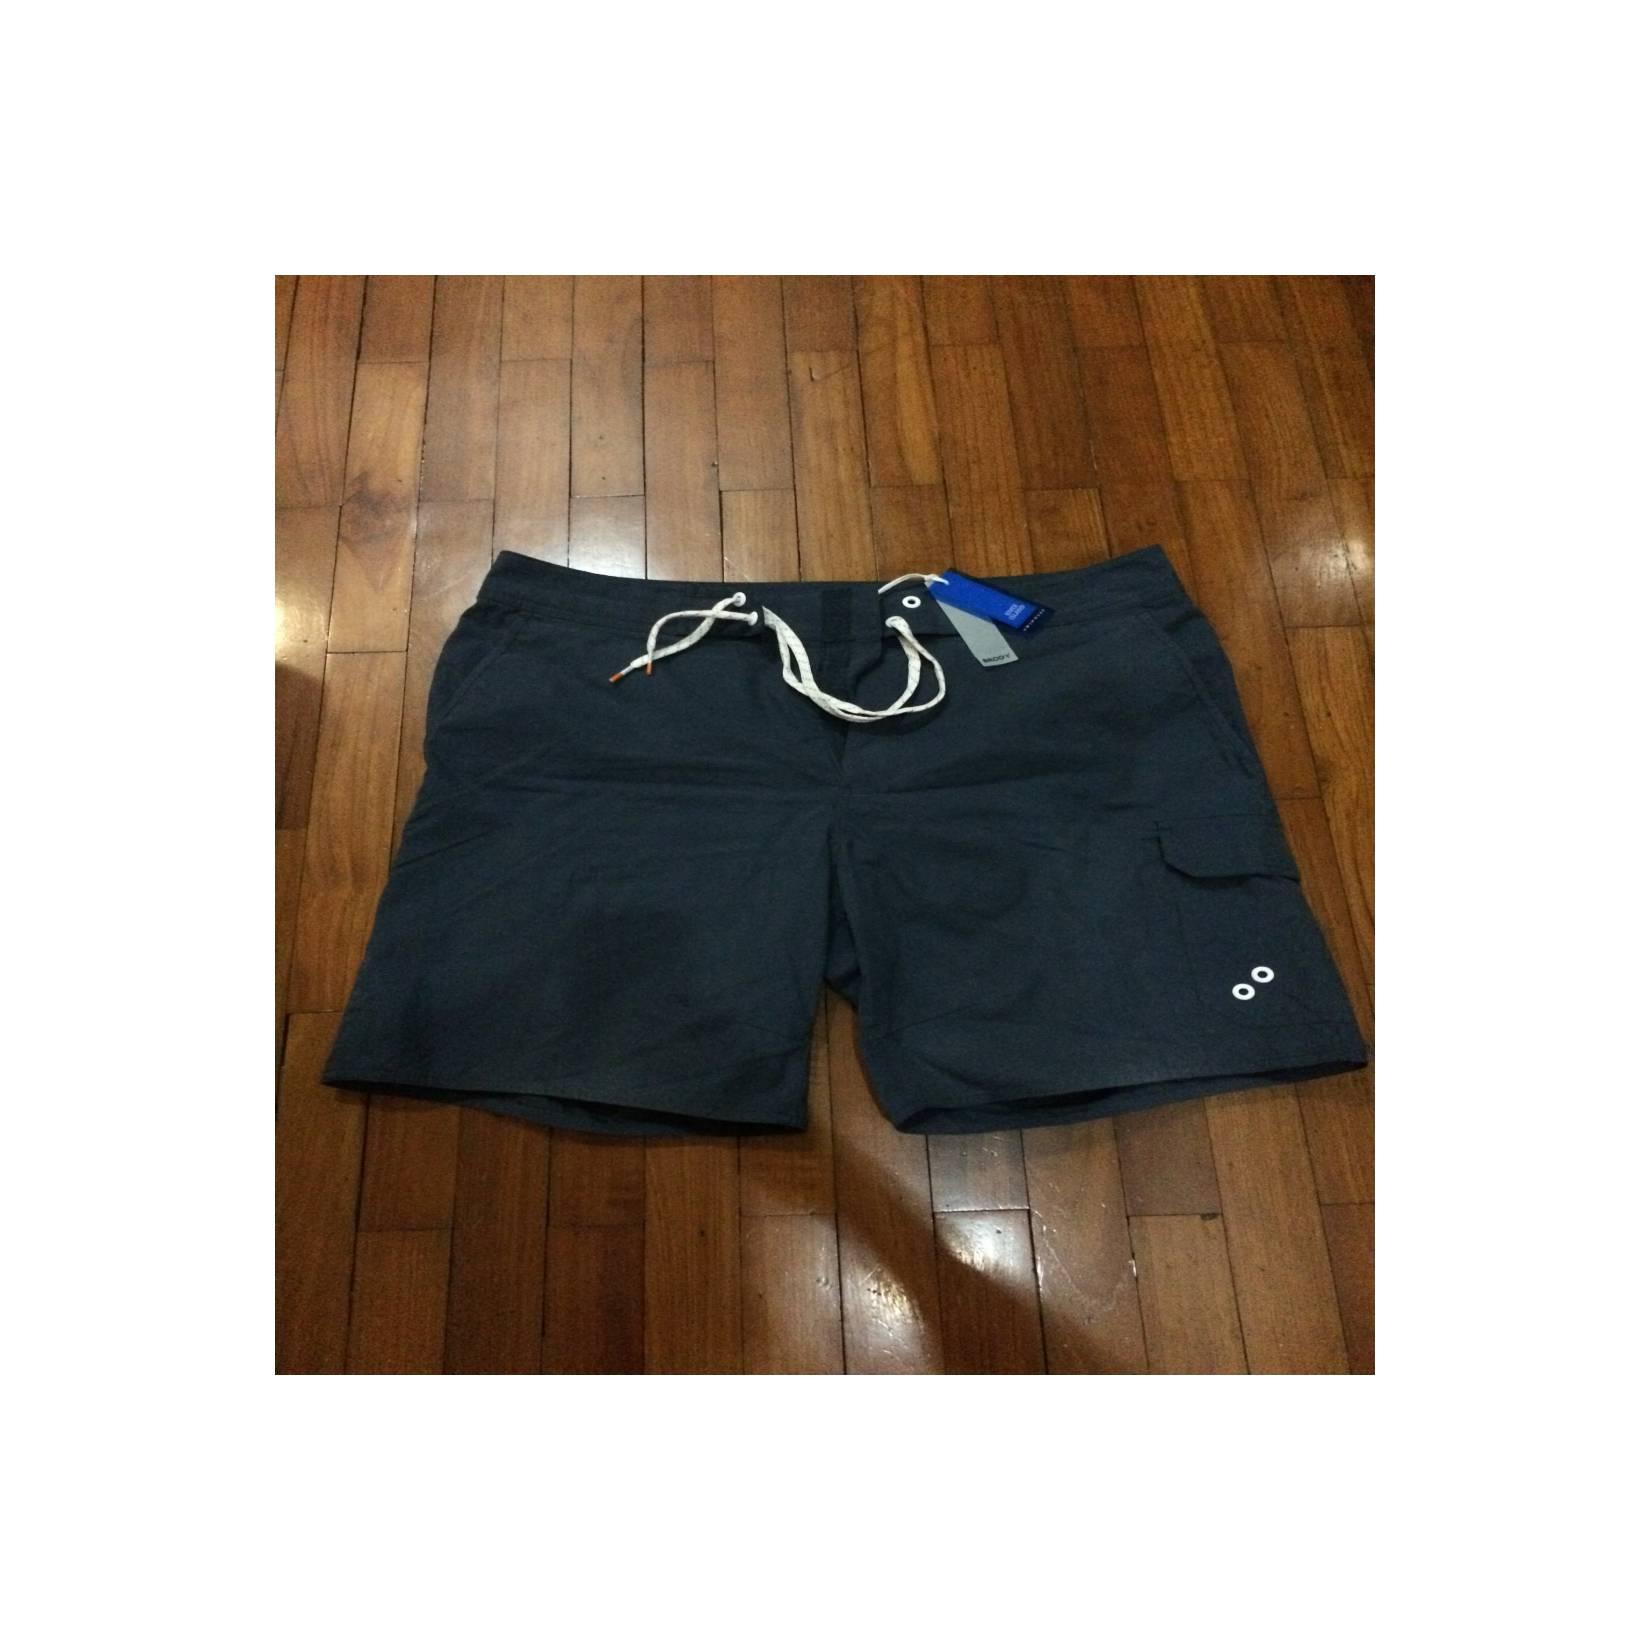 Celana Renang Merk RIVER ISLAND. Original. Size M. Baru. Lengkap Tag